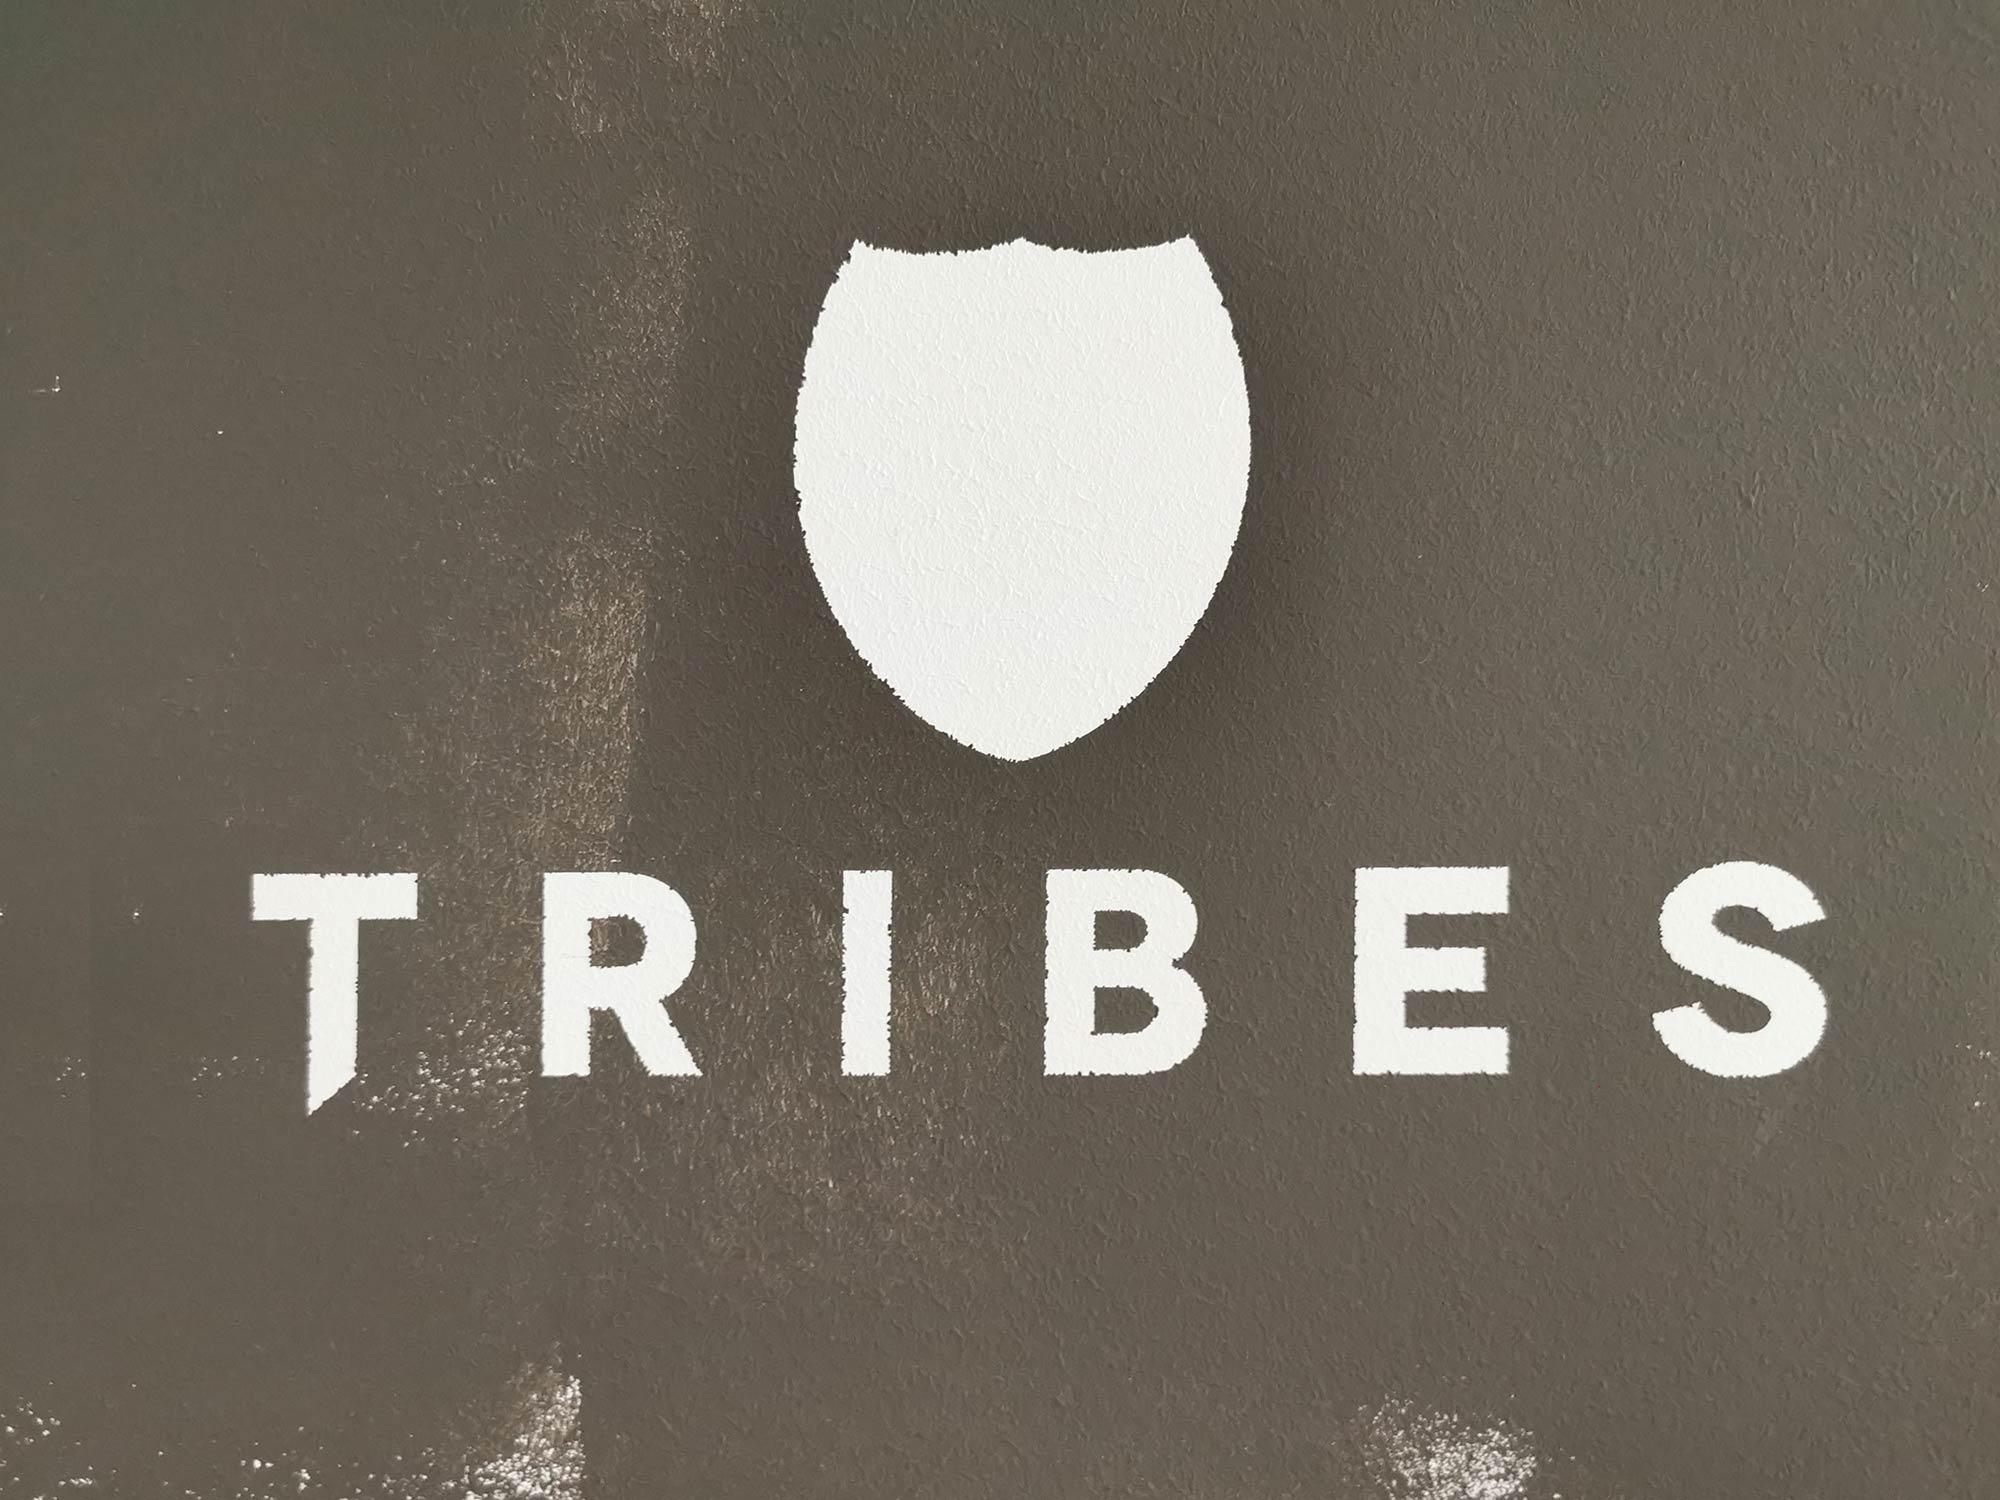 Tribes Logo - Büros Frankfurt mieten auf Zeit - Büroflächen und Open Spaces - Coworking Anbieter in Frankfurt am Main